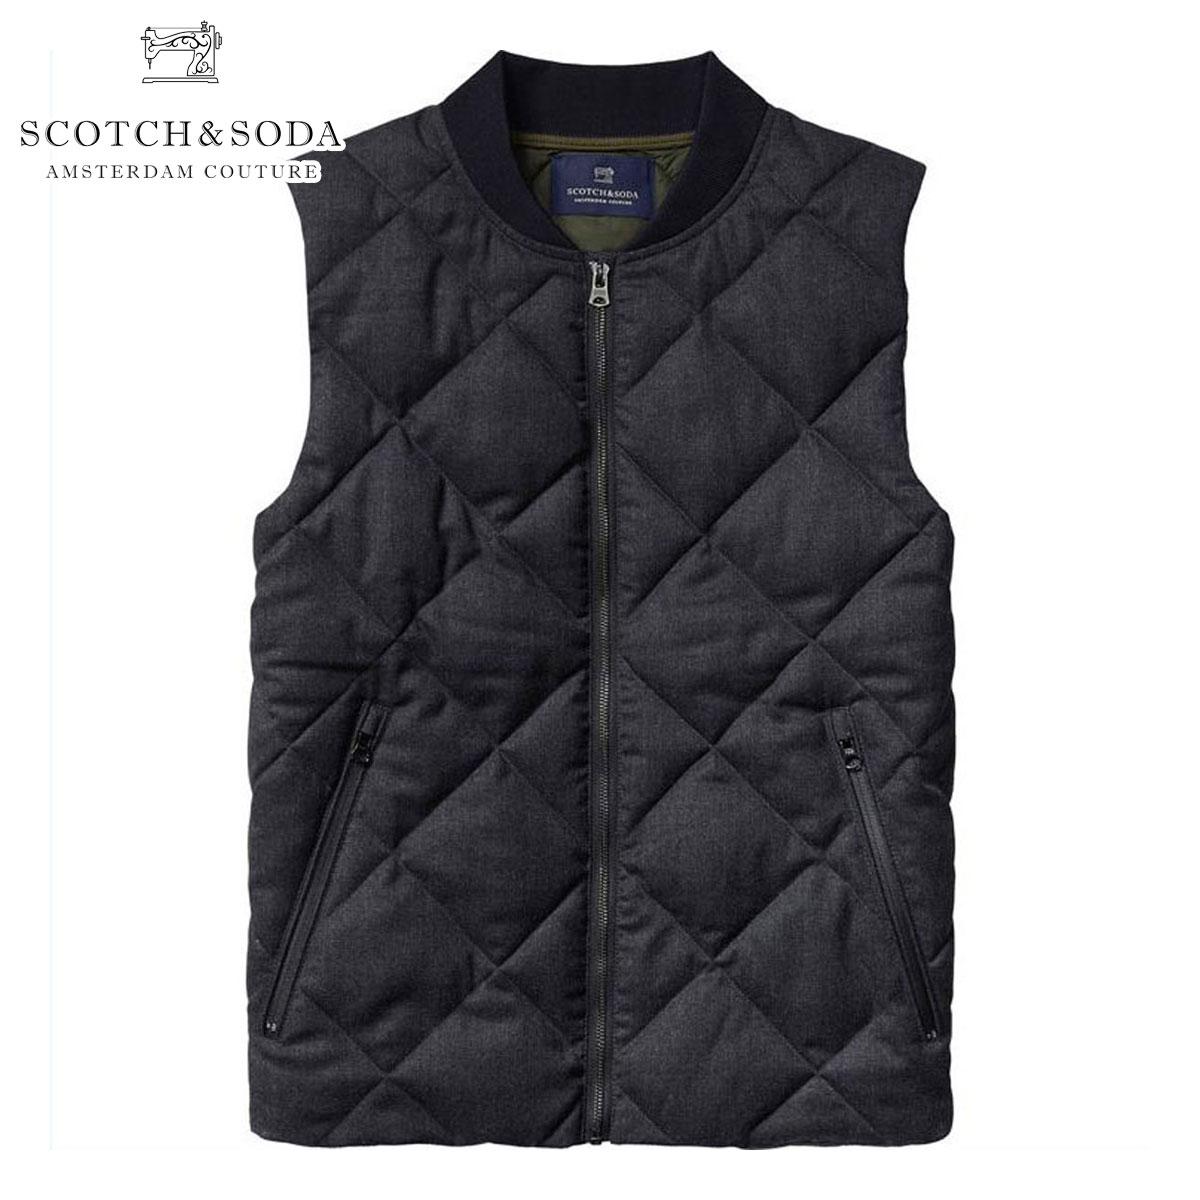 スコッチアンドソーダ SCOTCH&SODA 正規販売店 メンズ ベスト Quilted bodywarmer in wool quality 101753 4B D00S20